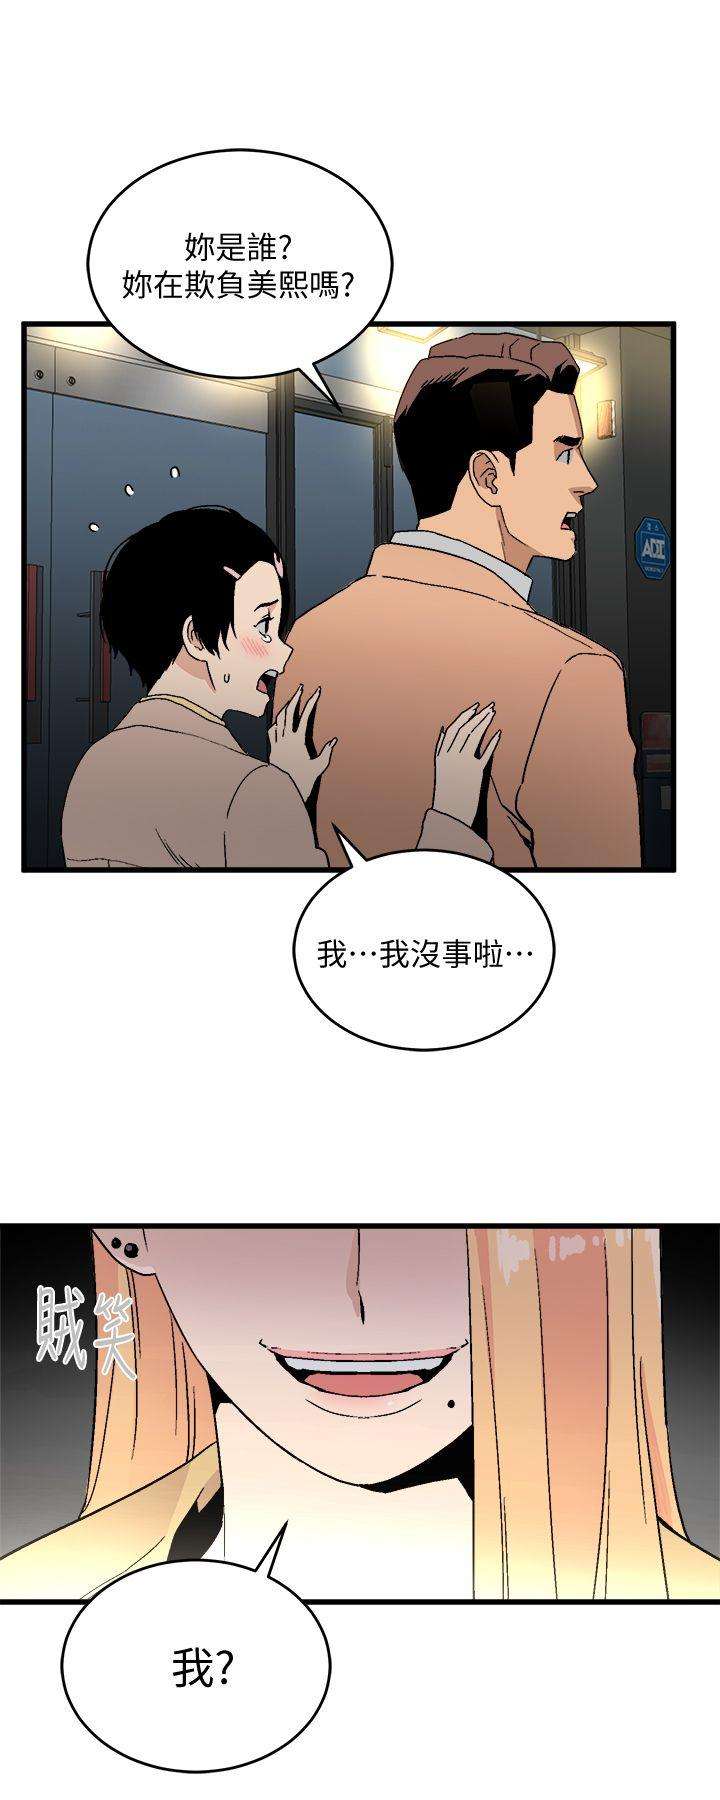 【韓漫】食物鏈 #19 - 情色卡漫 -